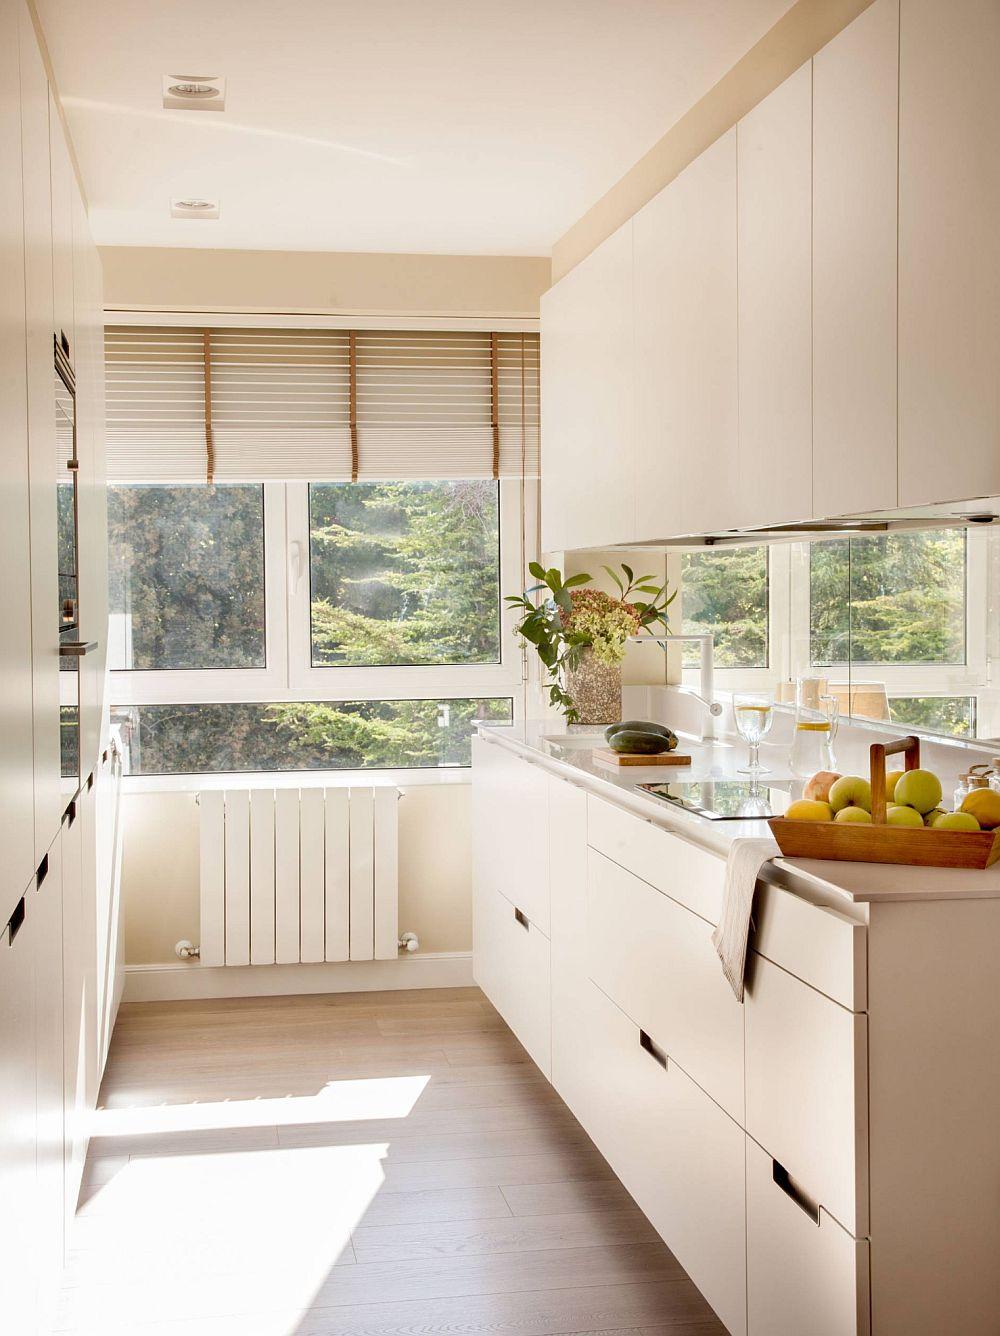 Bucătăria este lungă și îngustă. Frontul de lucru, cu chiuvetă și plită este organizat pep singură latură, iar cuptorul, combina frigorifică sunt înglobate în ansamblul de mobilier compact situat pe partea opusă. Pentru o astfel de configurație s-a optat evident pentru o plită electrică.